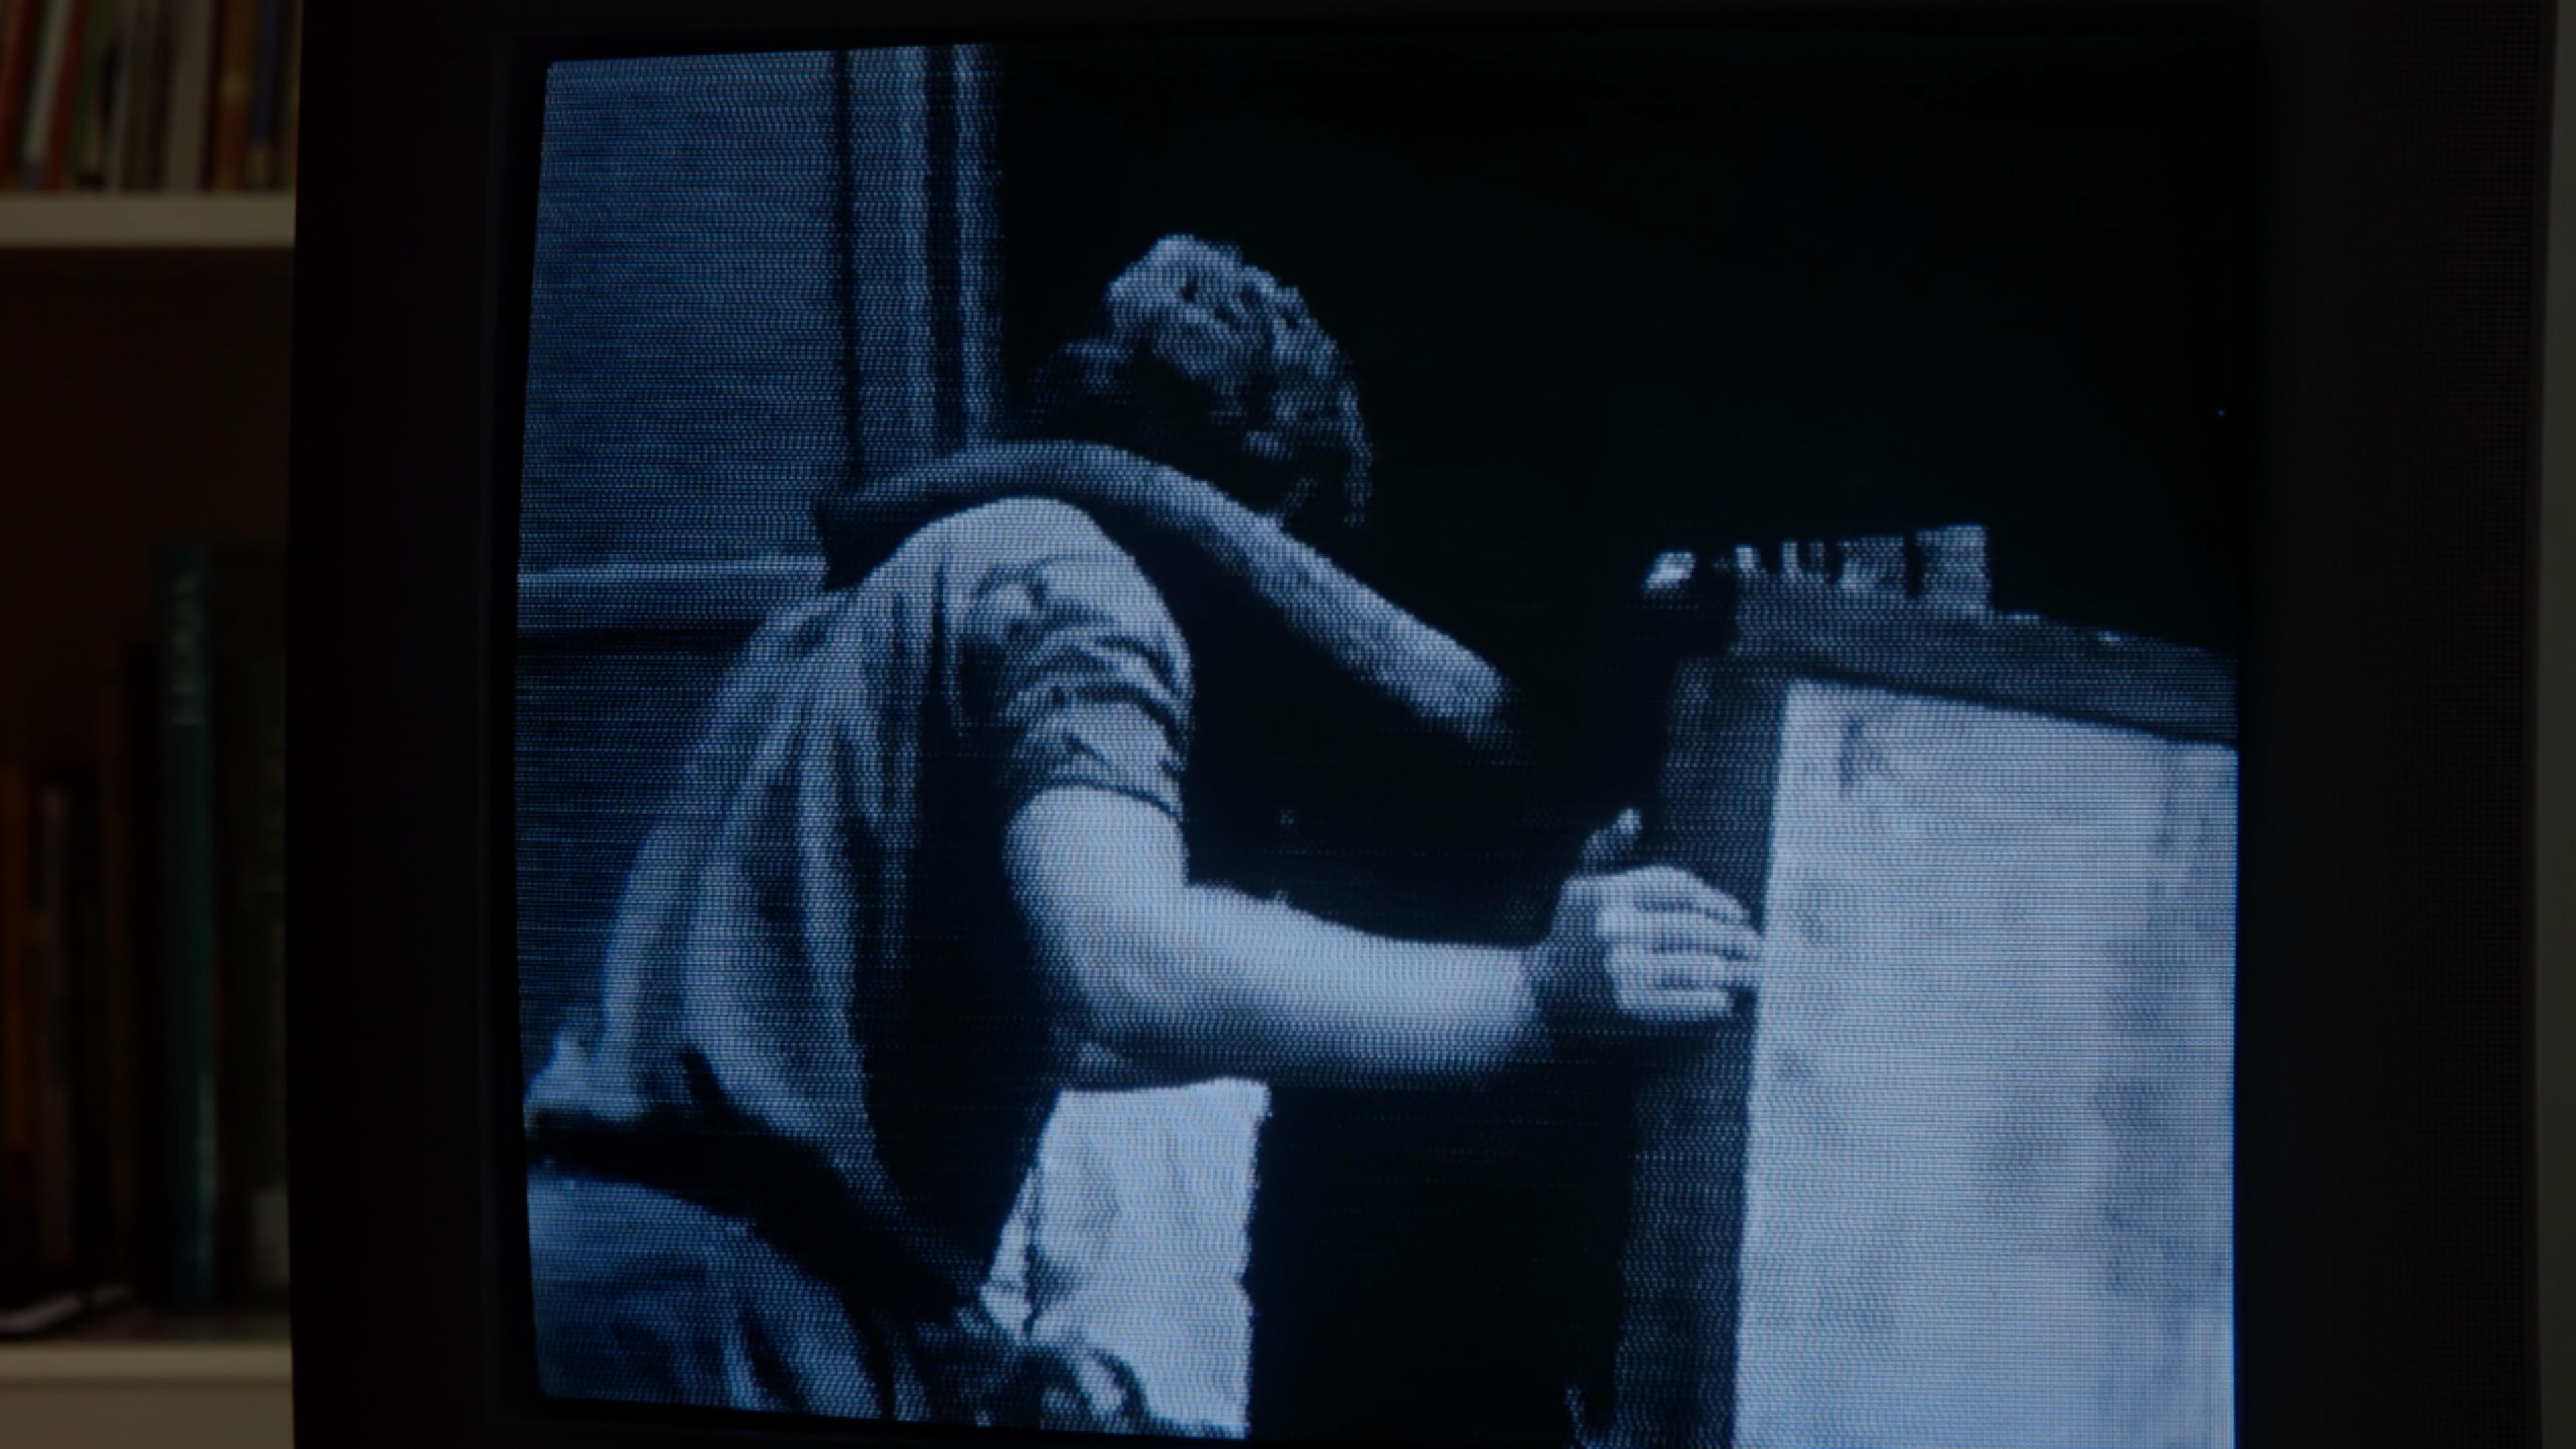 Bild von einem Monitor, auf dem ein Elefantenrüssel auf der Schulter eines Mannes ruht.